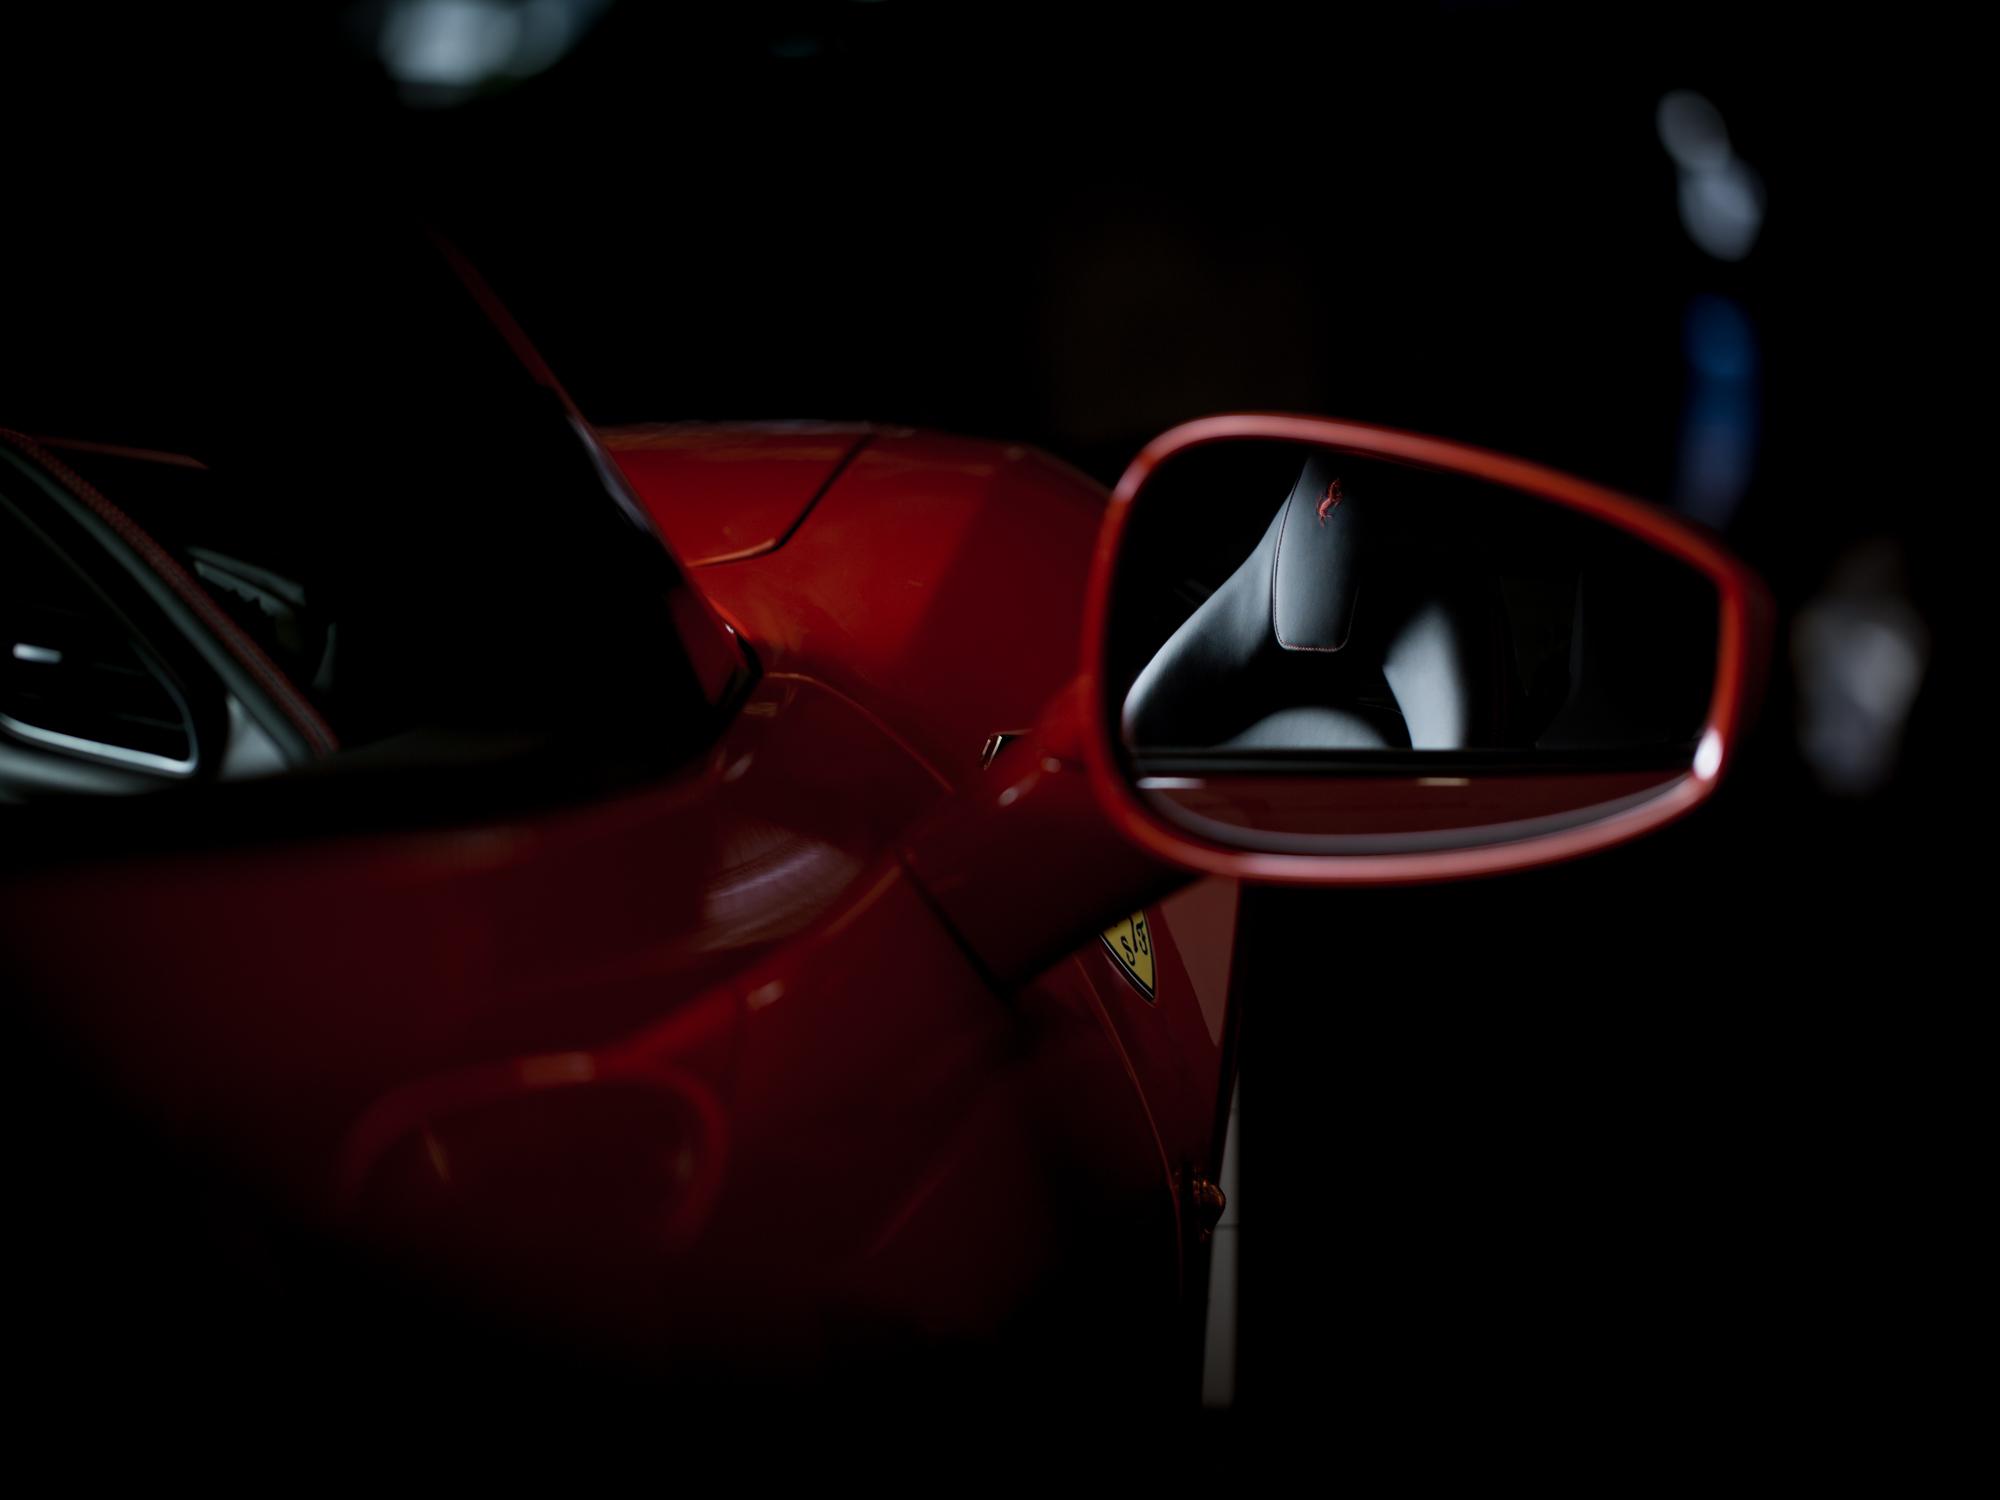 tim gerges commercial advertising photographer car ferrarri capetown-252.jpg